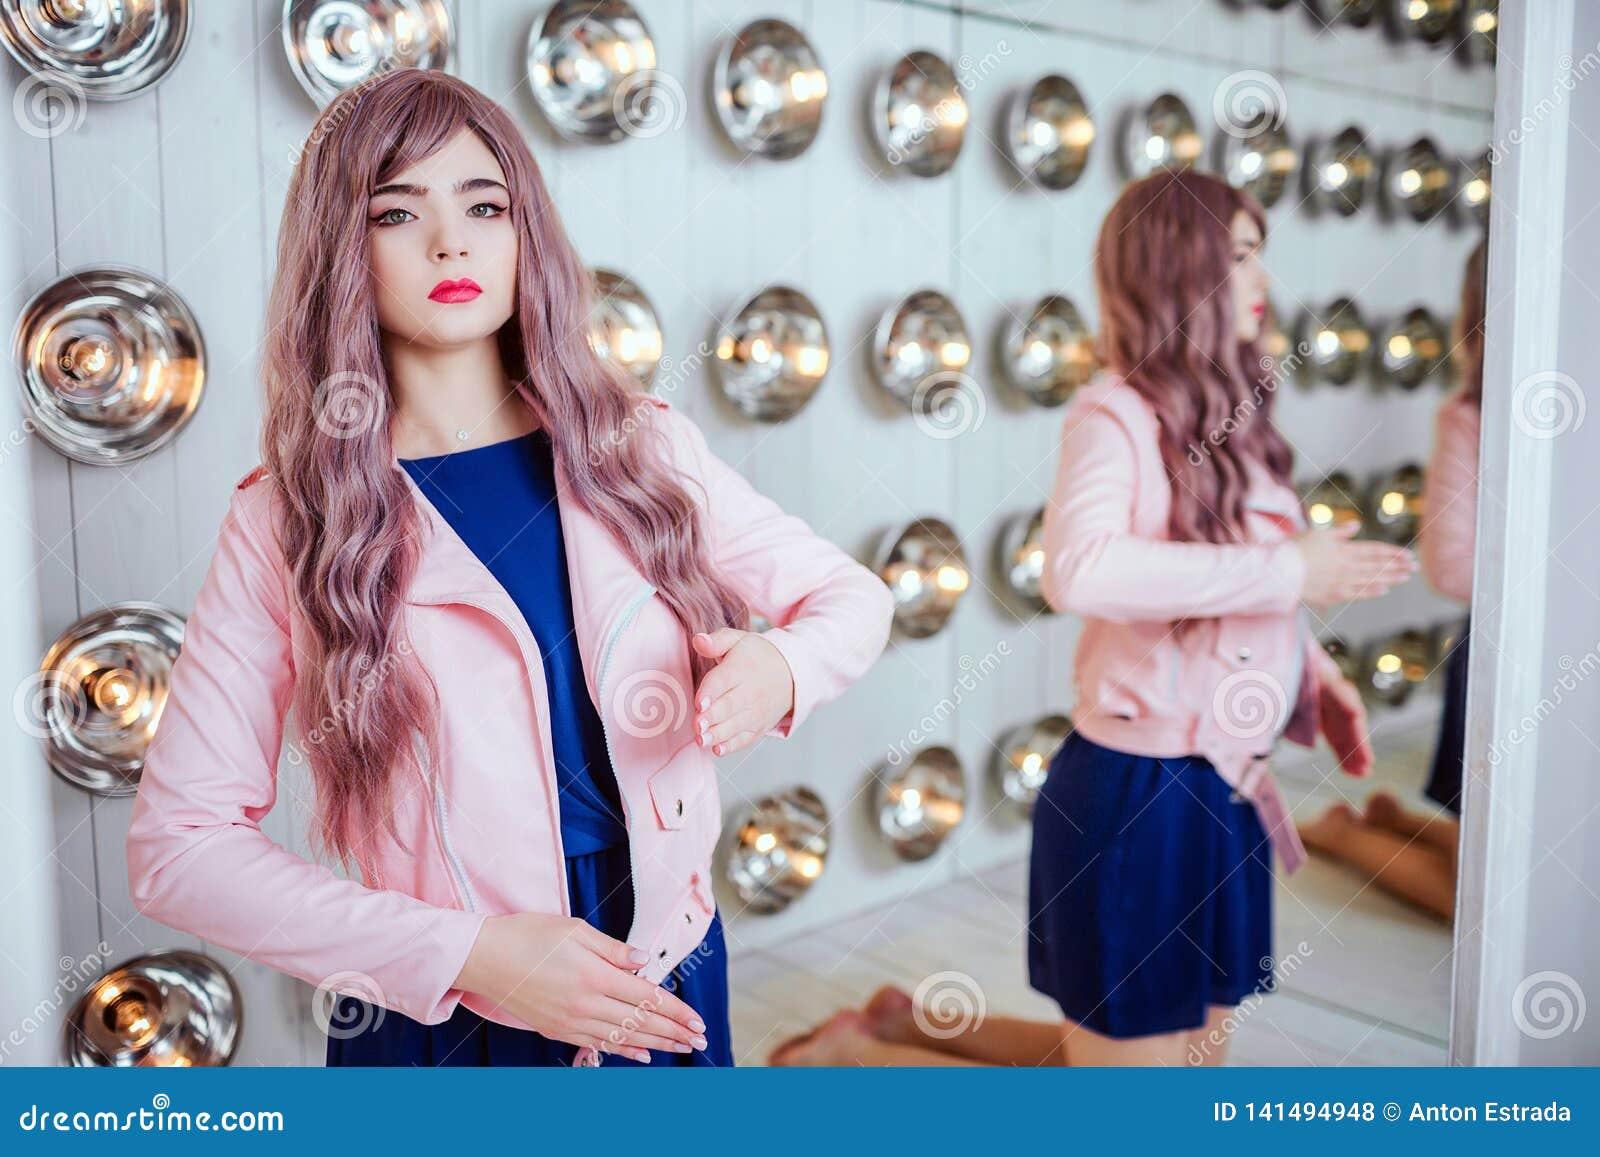 Buitenissige manier Zitten het glamour synthetische meisje, de valse pop met lege blik en het lange lilac haar in de studio styli